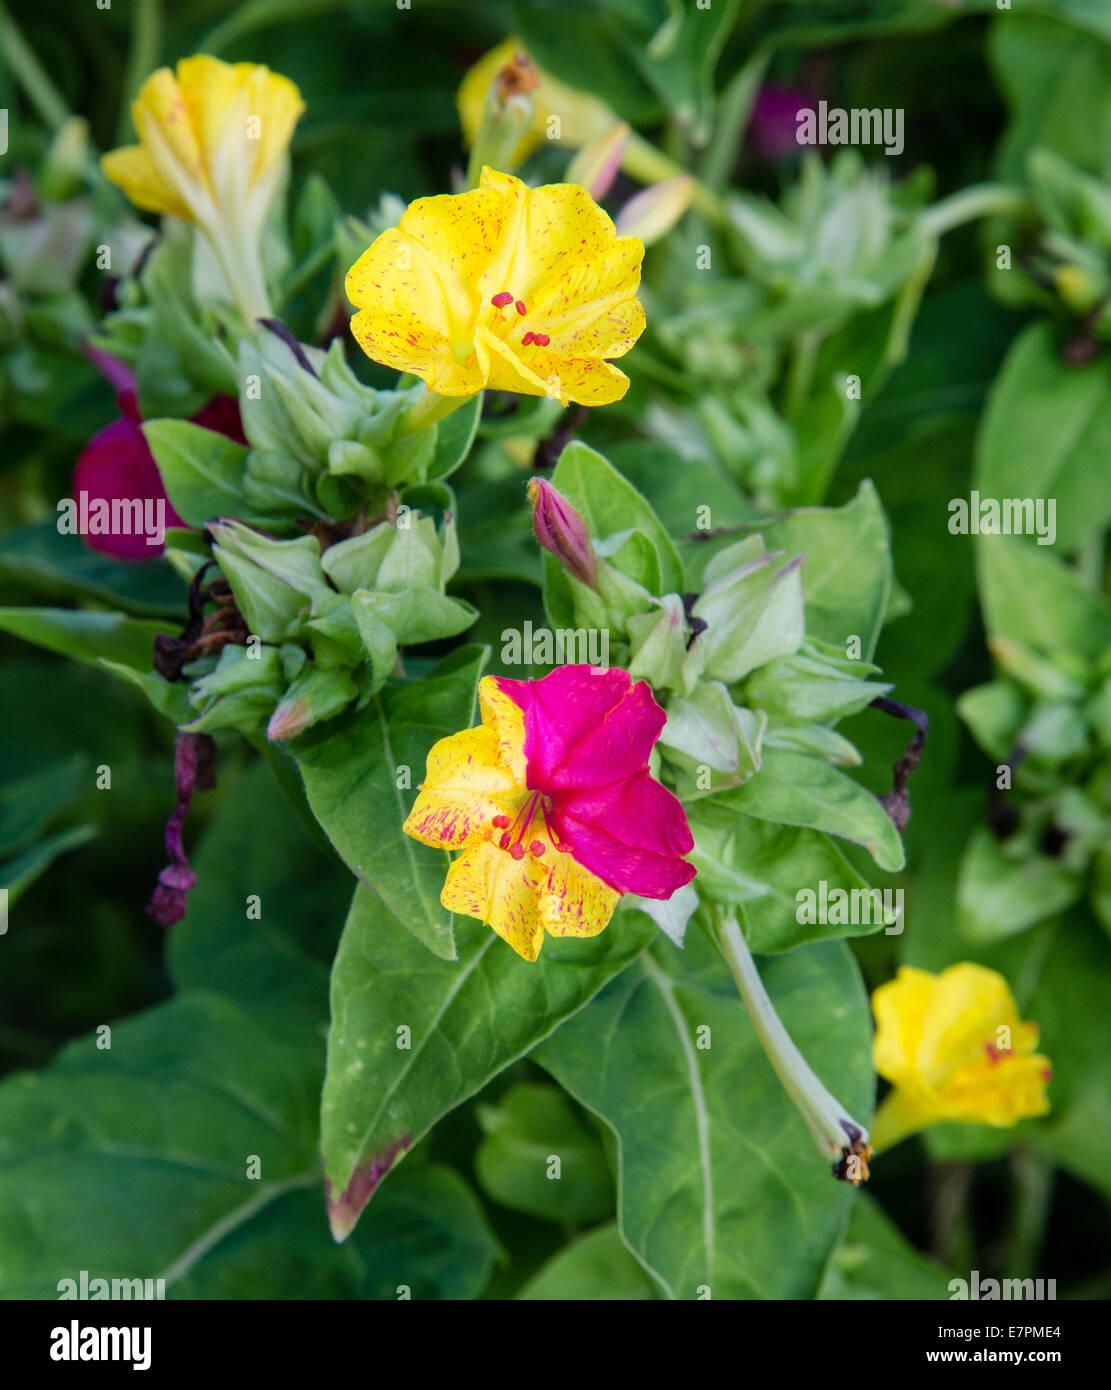 Fleurs à deux tons de rouge et jaune sur le même blossom Photo Stock